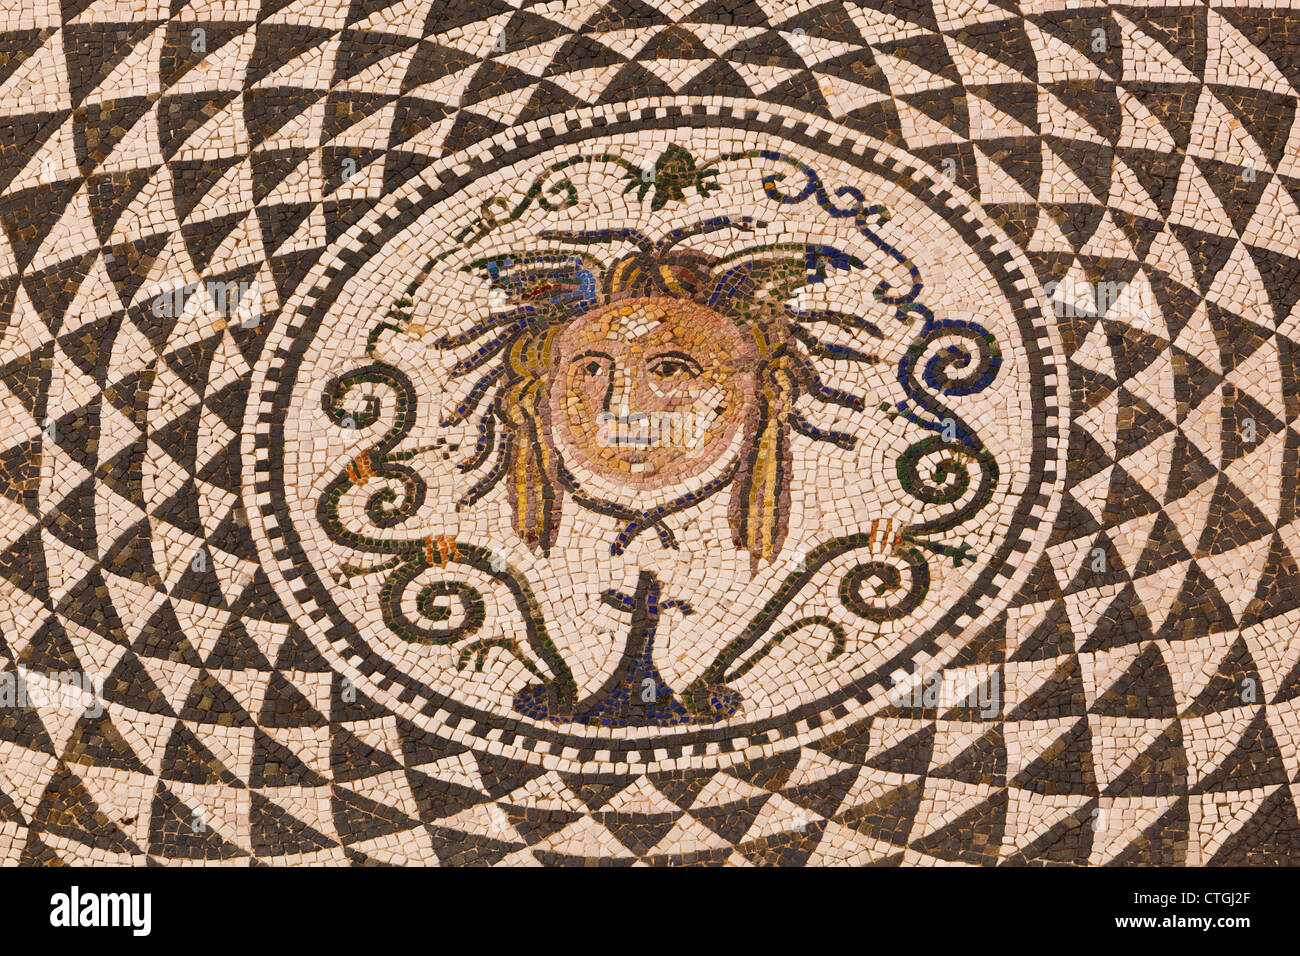 Carmona, Province de Séville, Espagne. Mosaïque romaine de méduse en mairie. Photo Stock